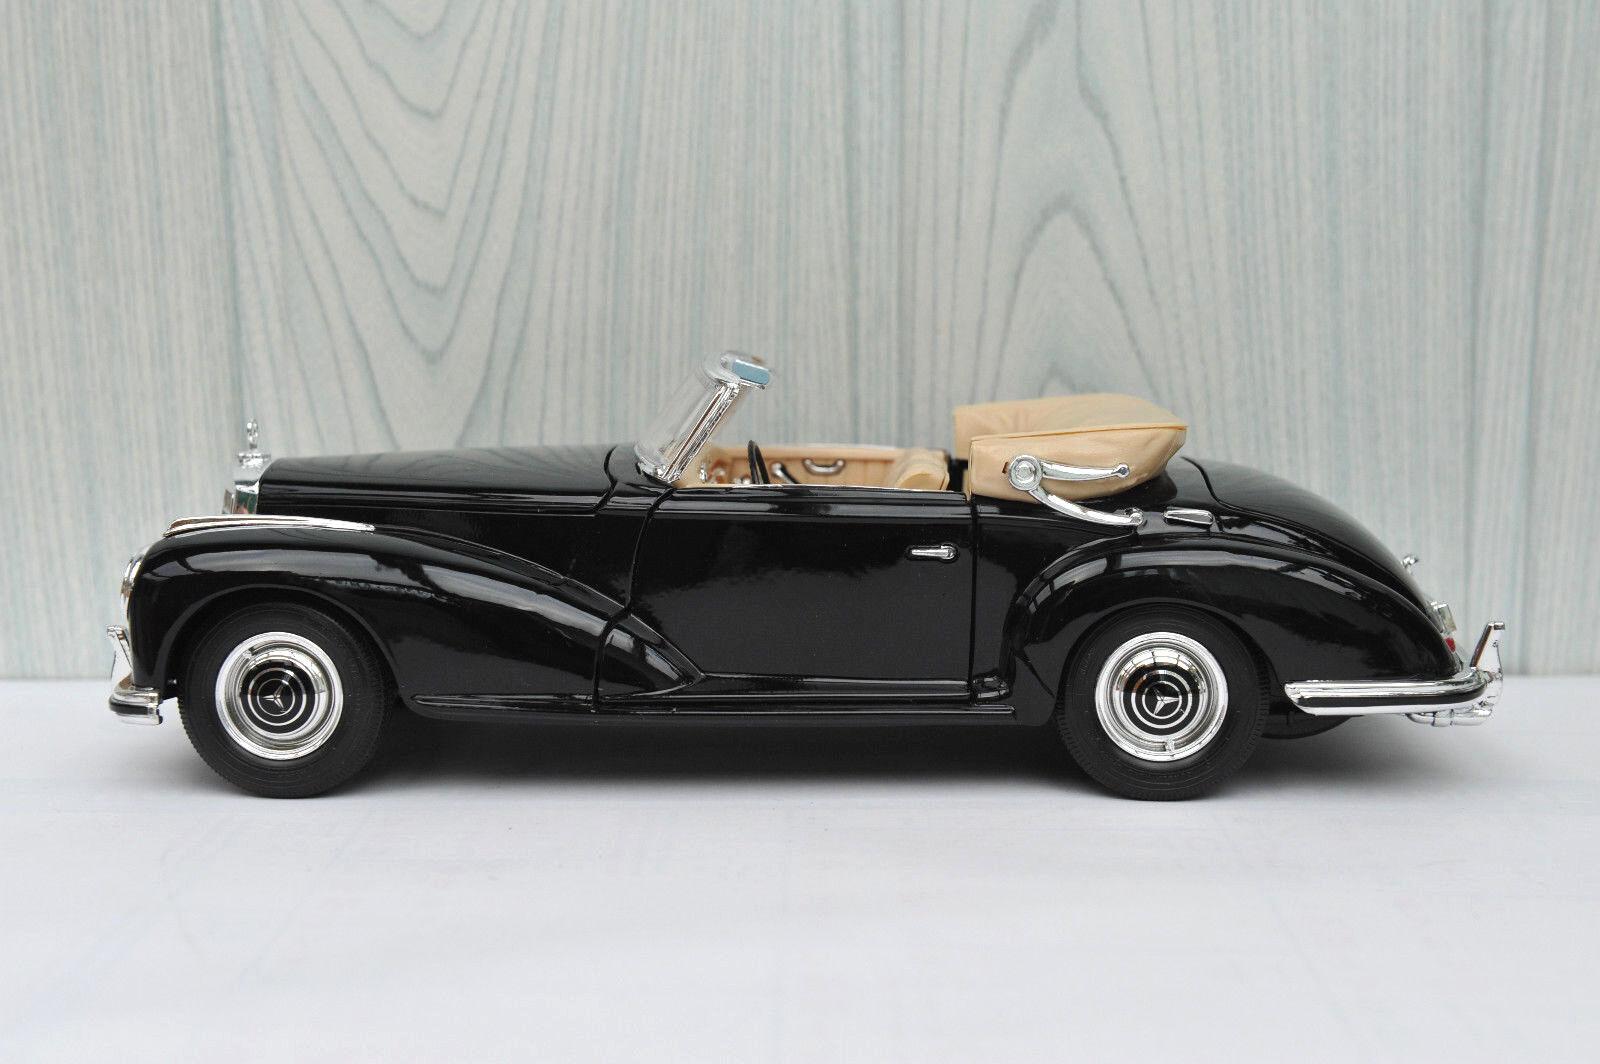 MERCEDES BENZ 300 S CABRIO 1955 MAISTO SPECIAL EDITION 1 18 31806 SUPERBE